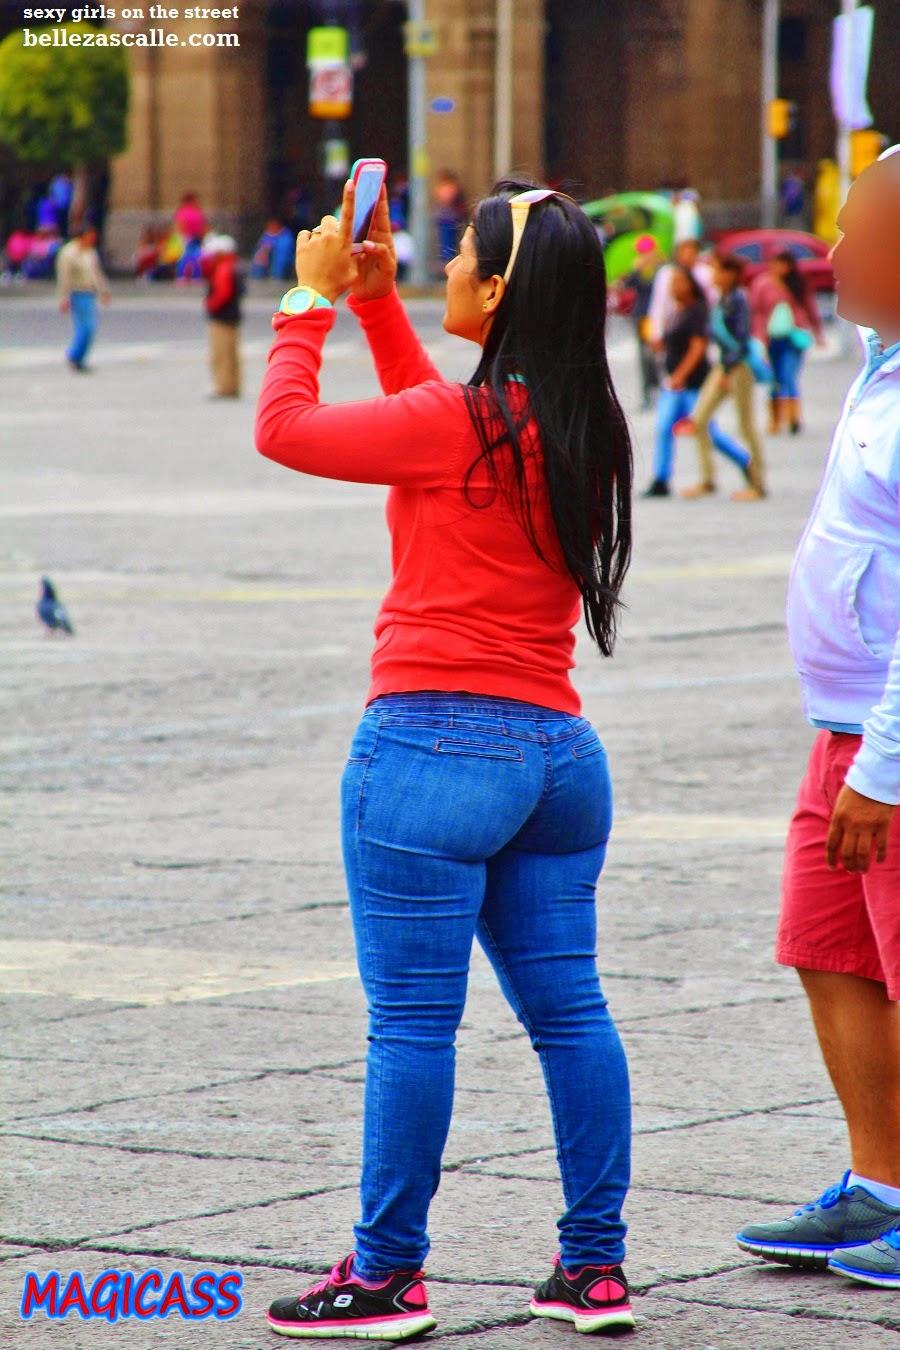 Fotos de mujeres peleando en la calle